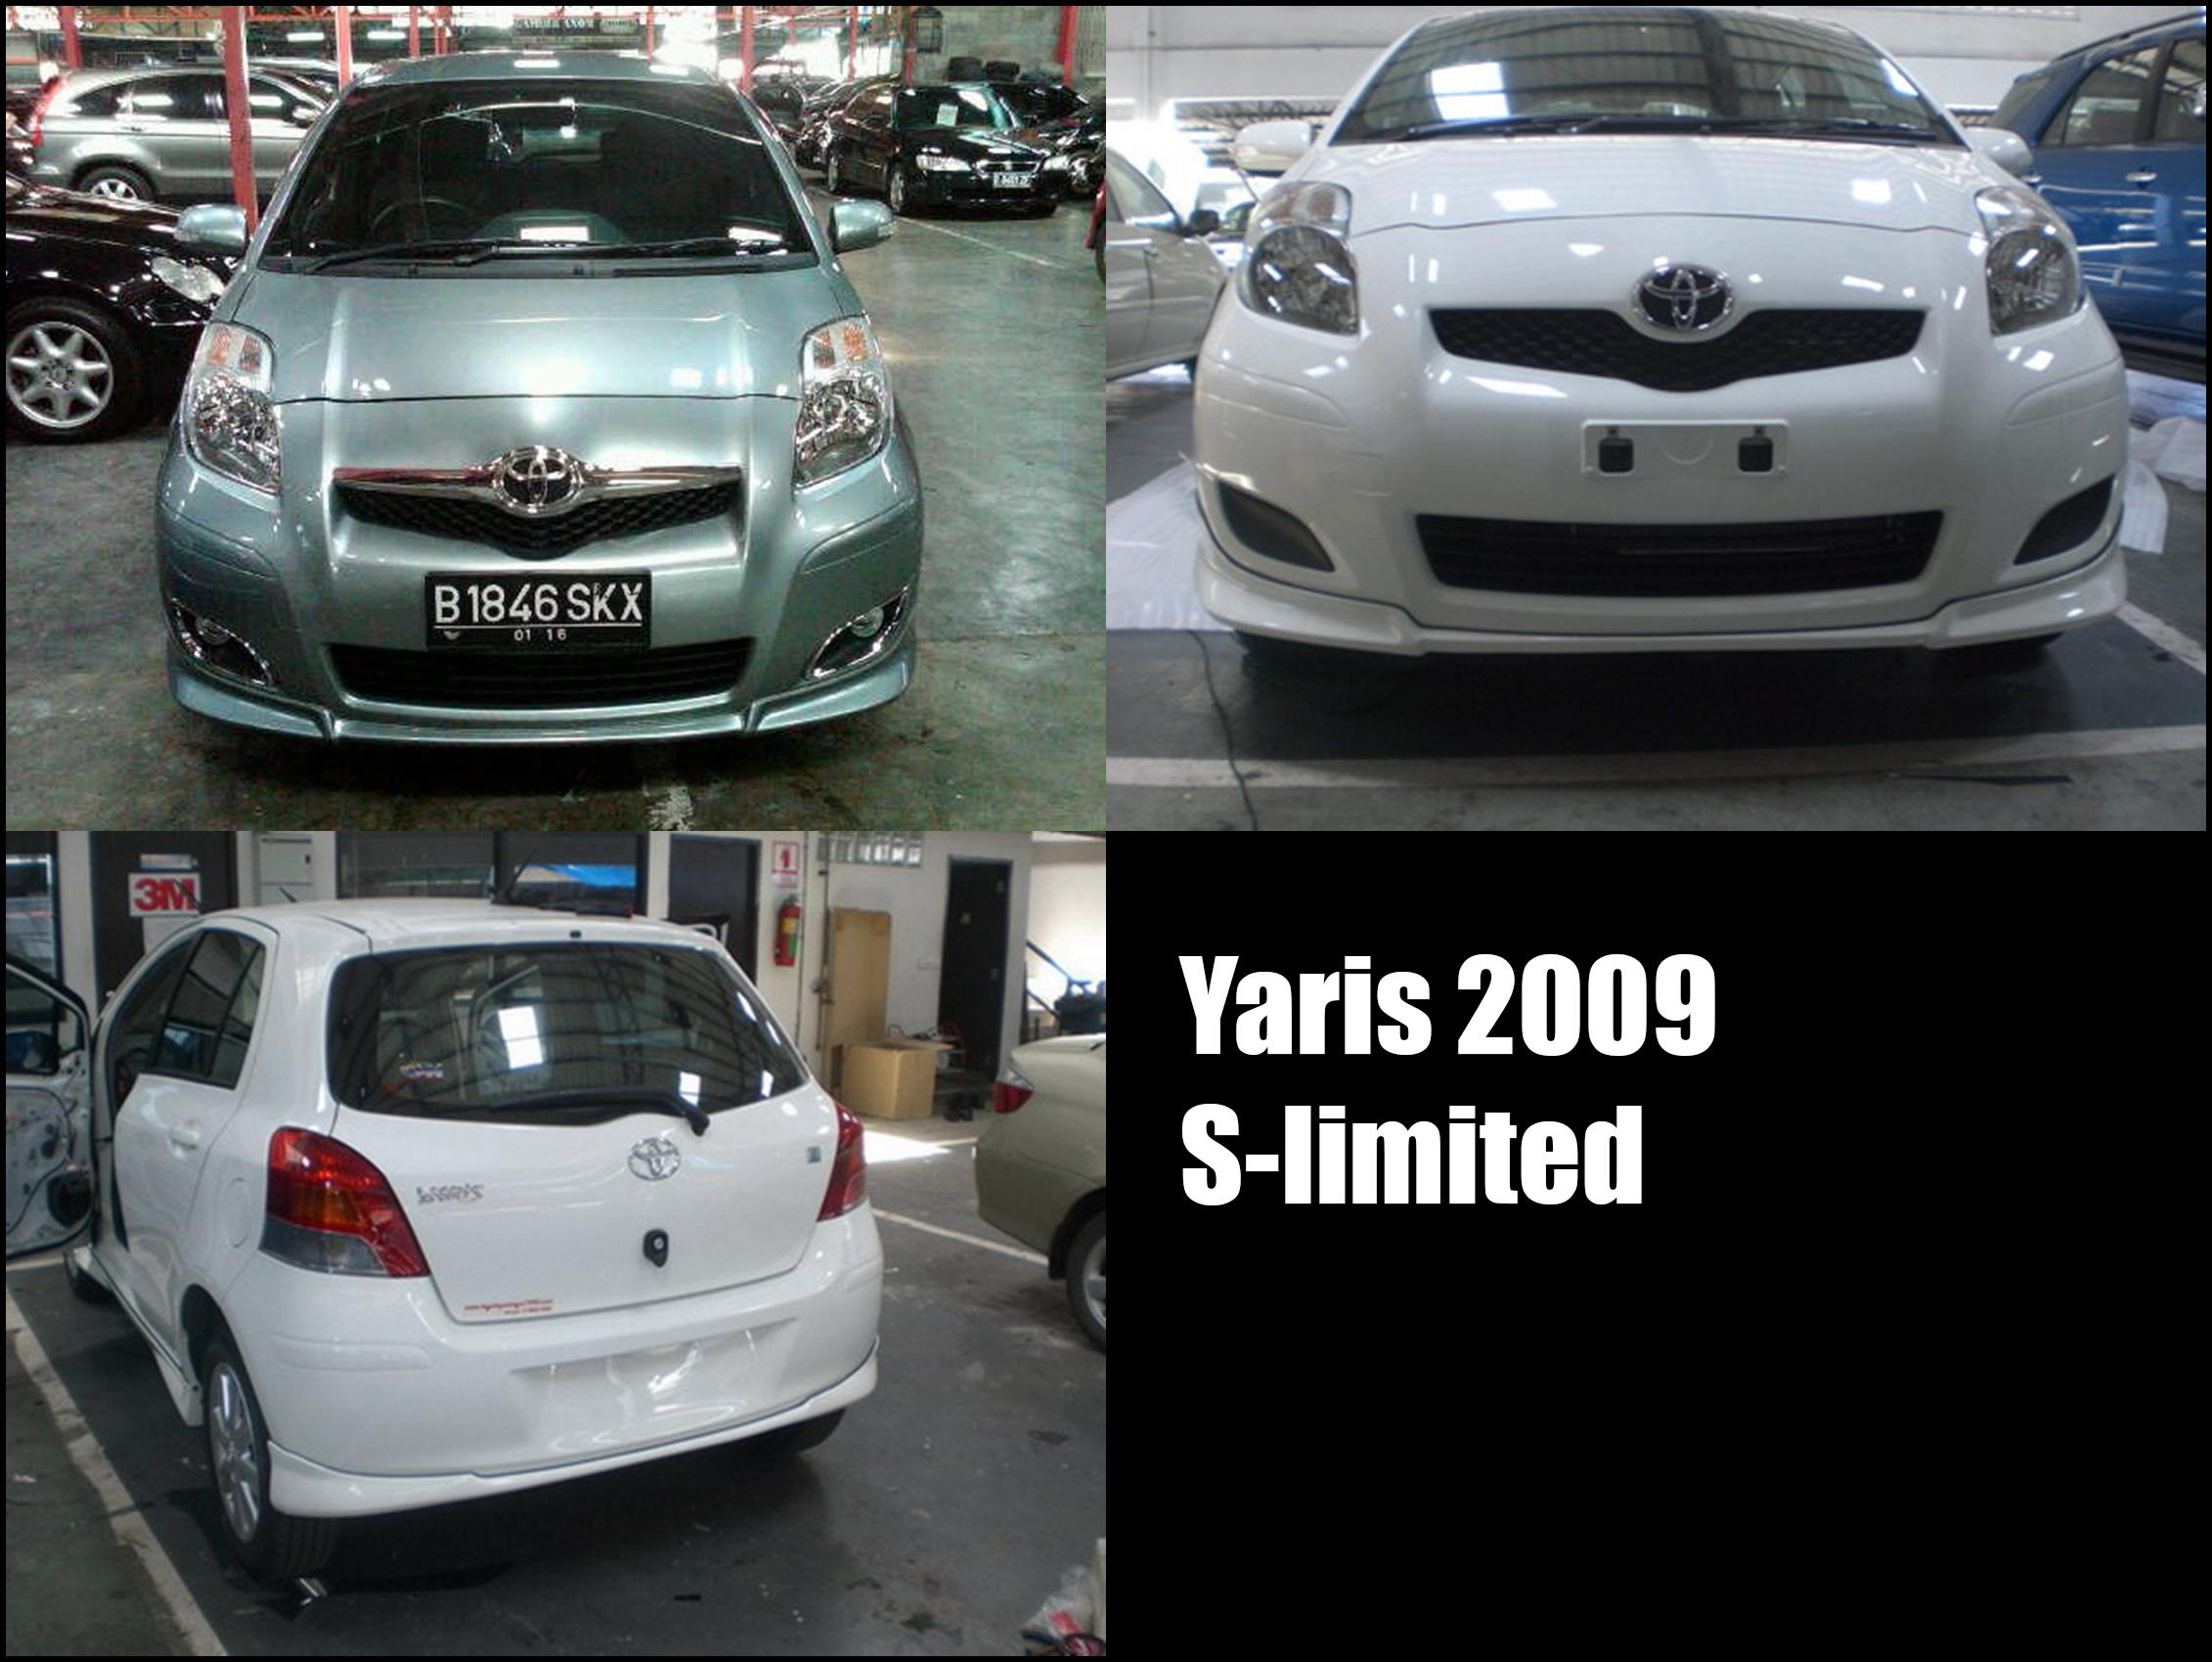 ํYaris 2009 - S-limited (ทรงศูนย์)